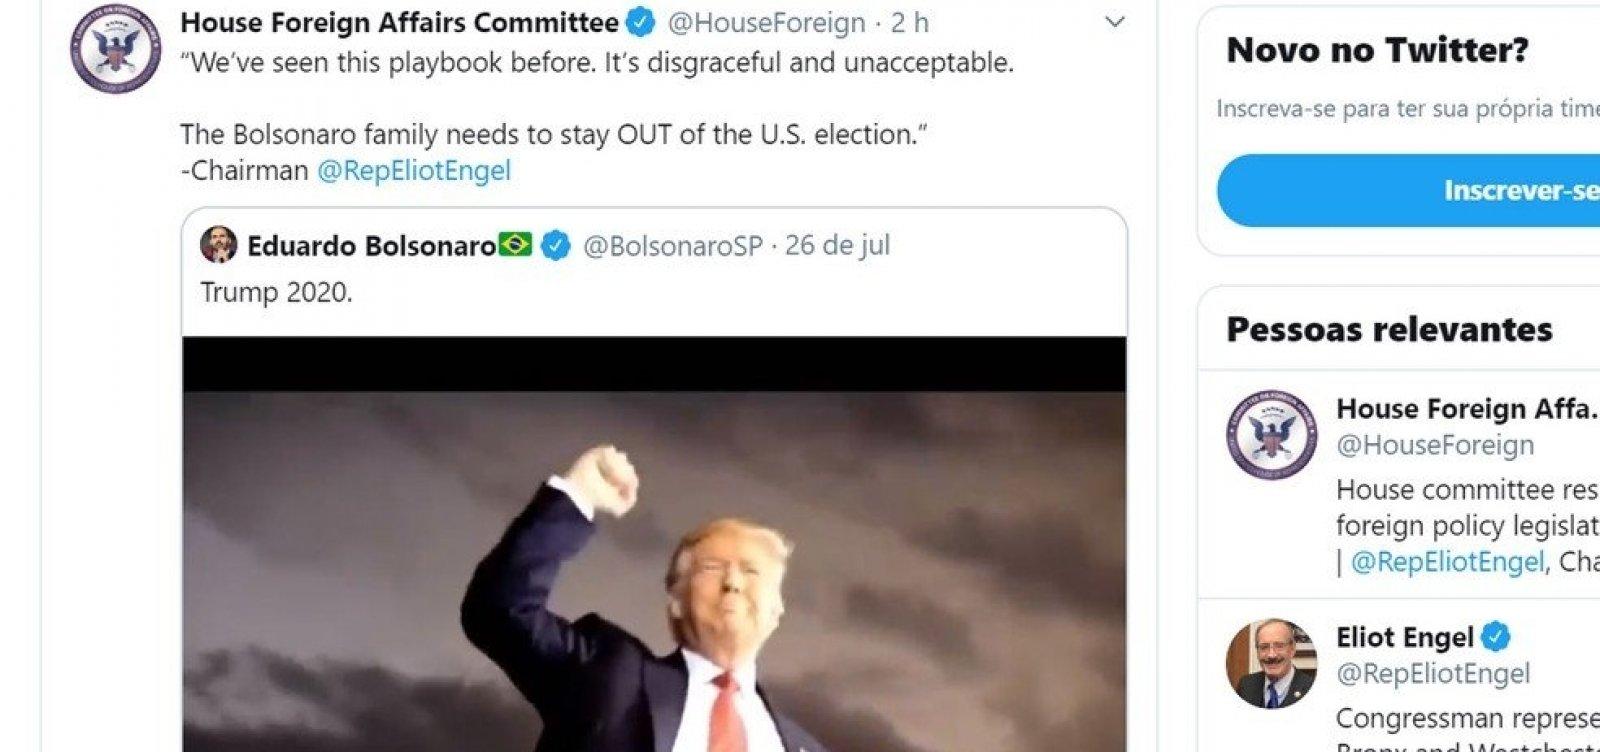 [Comitê da Câmara americana pede que família Bolsonaro 'fique de fora das eleições nos EUA']